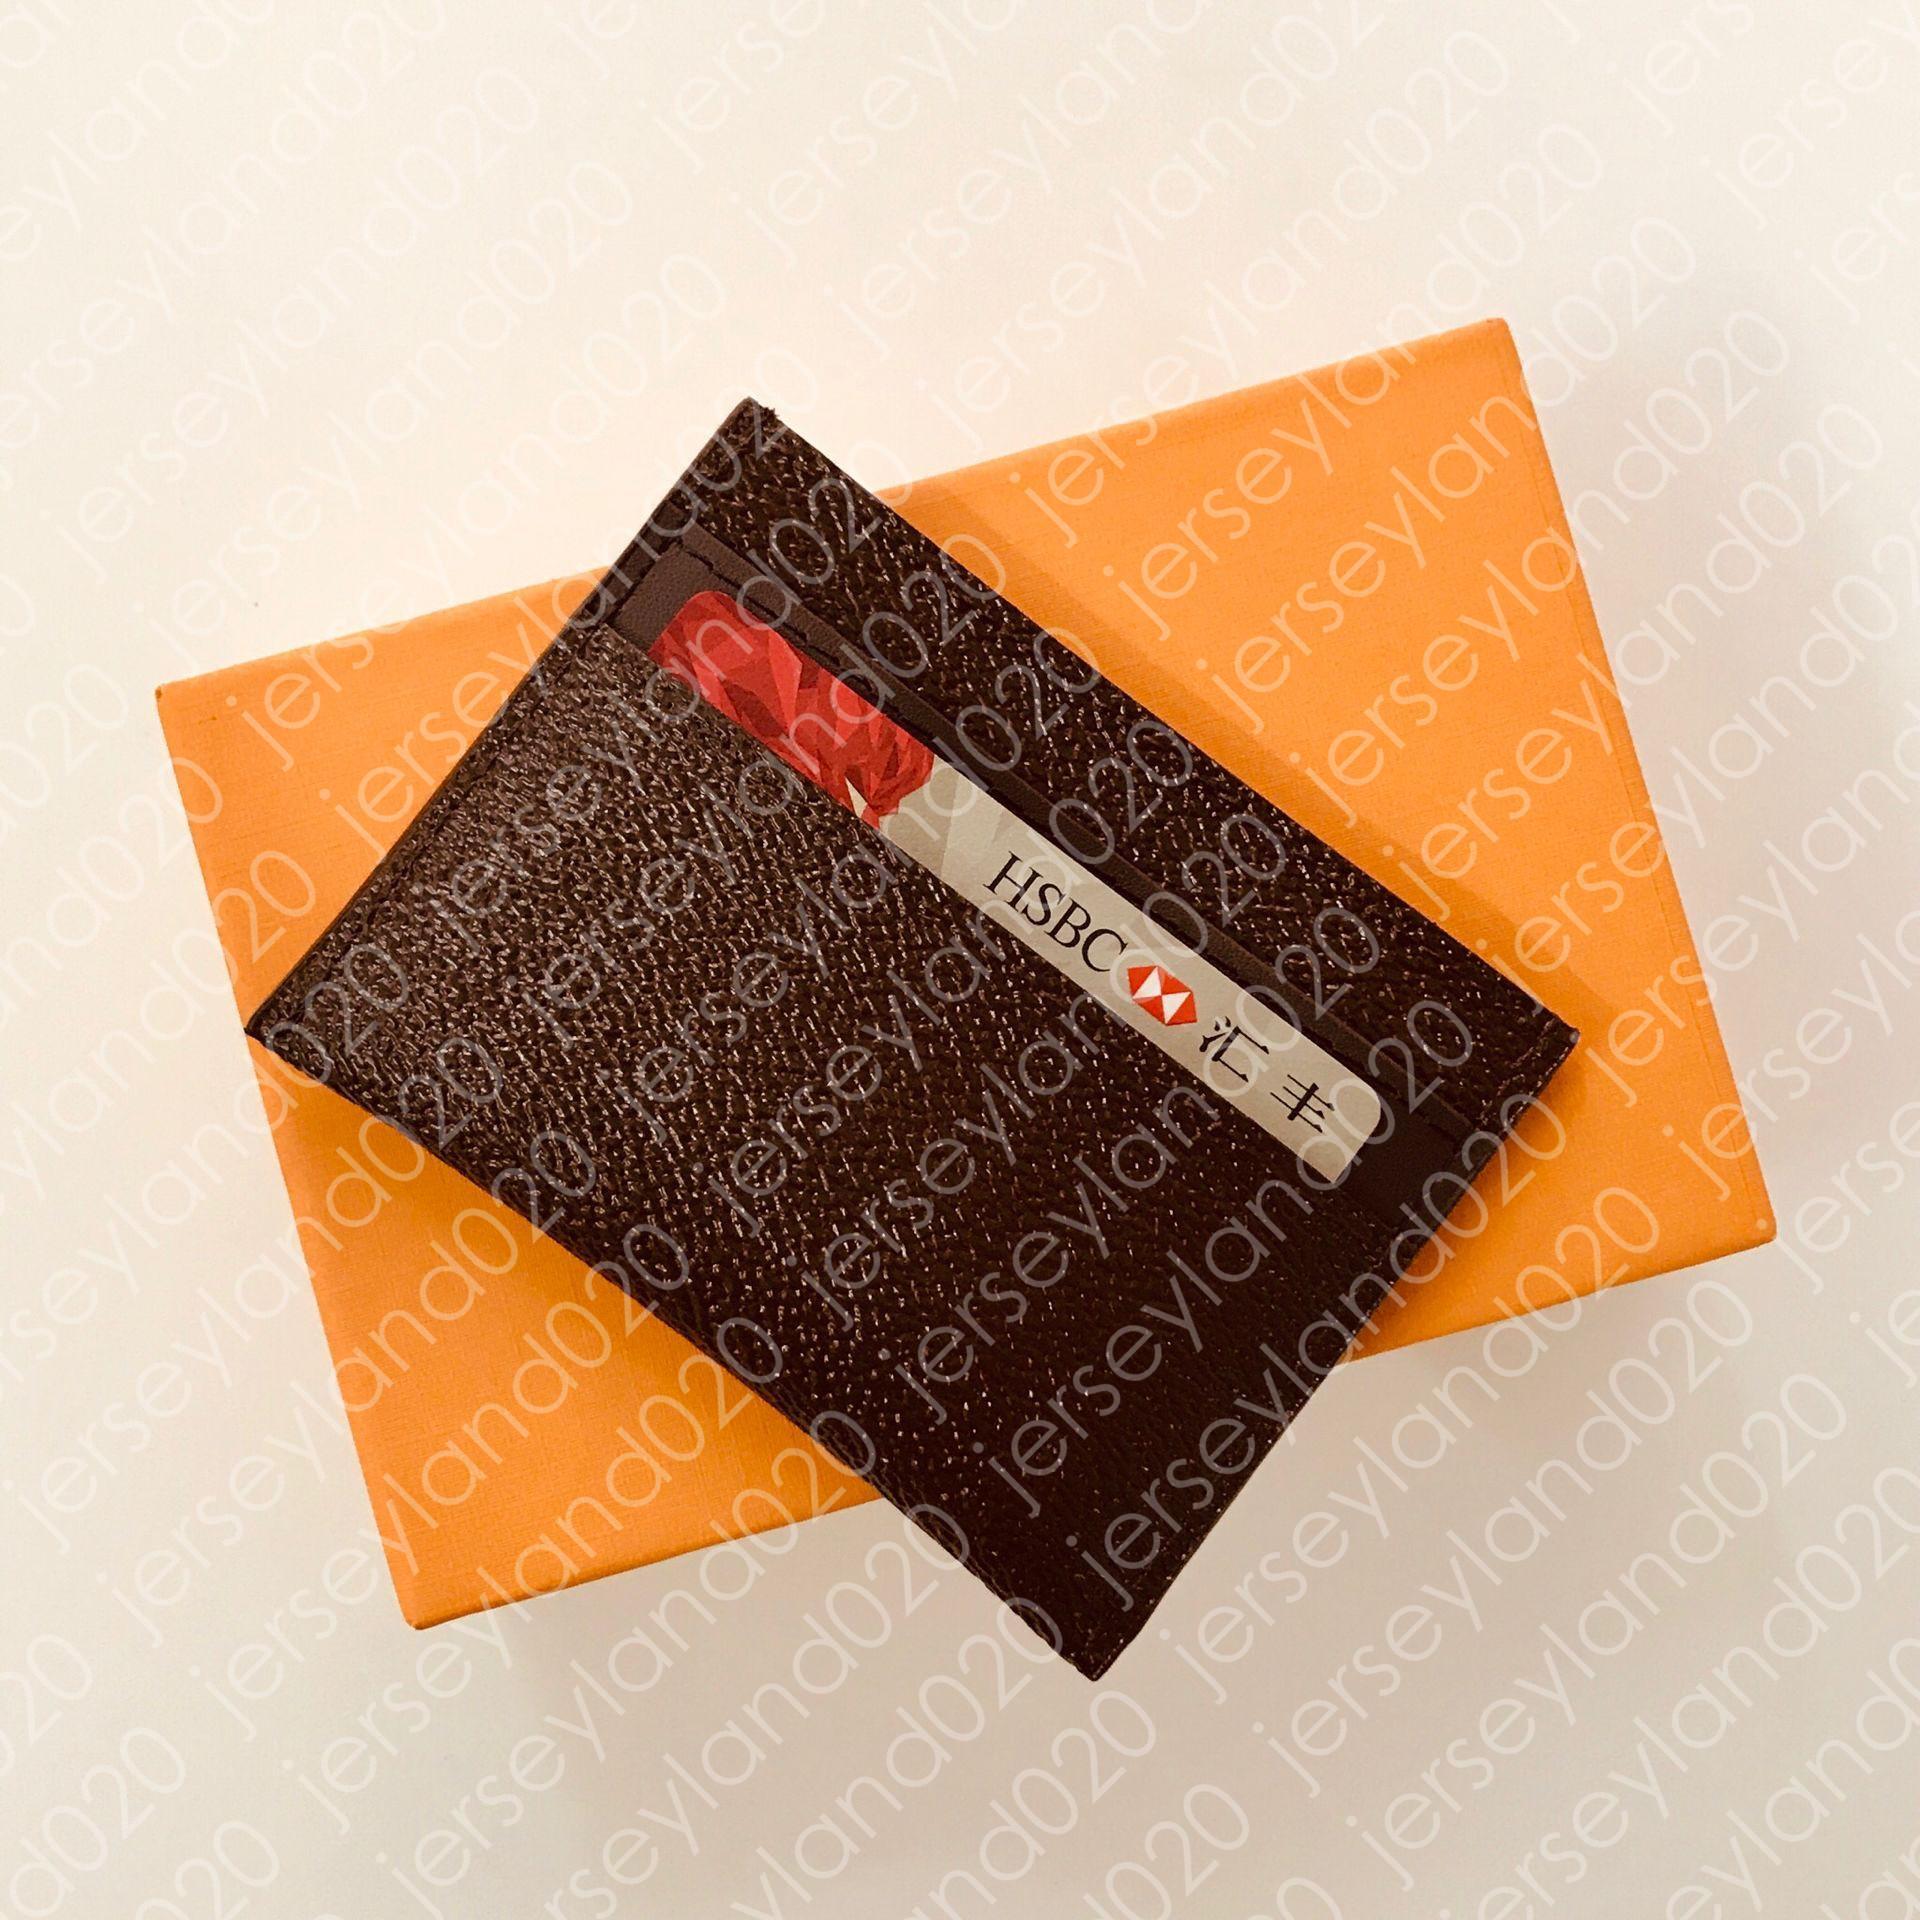 M62170 Porte Cartes Double Mens Coin بطاقة مفتاح حامل مصمم المحفظة بطاقة الهوية التجارية حالة جيب المنظم الفاخرة متعددة XL برازا المحفظة